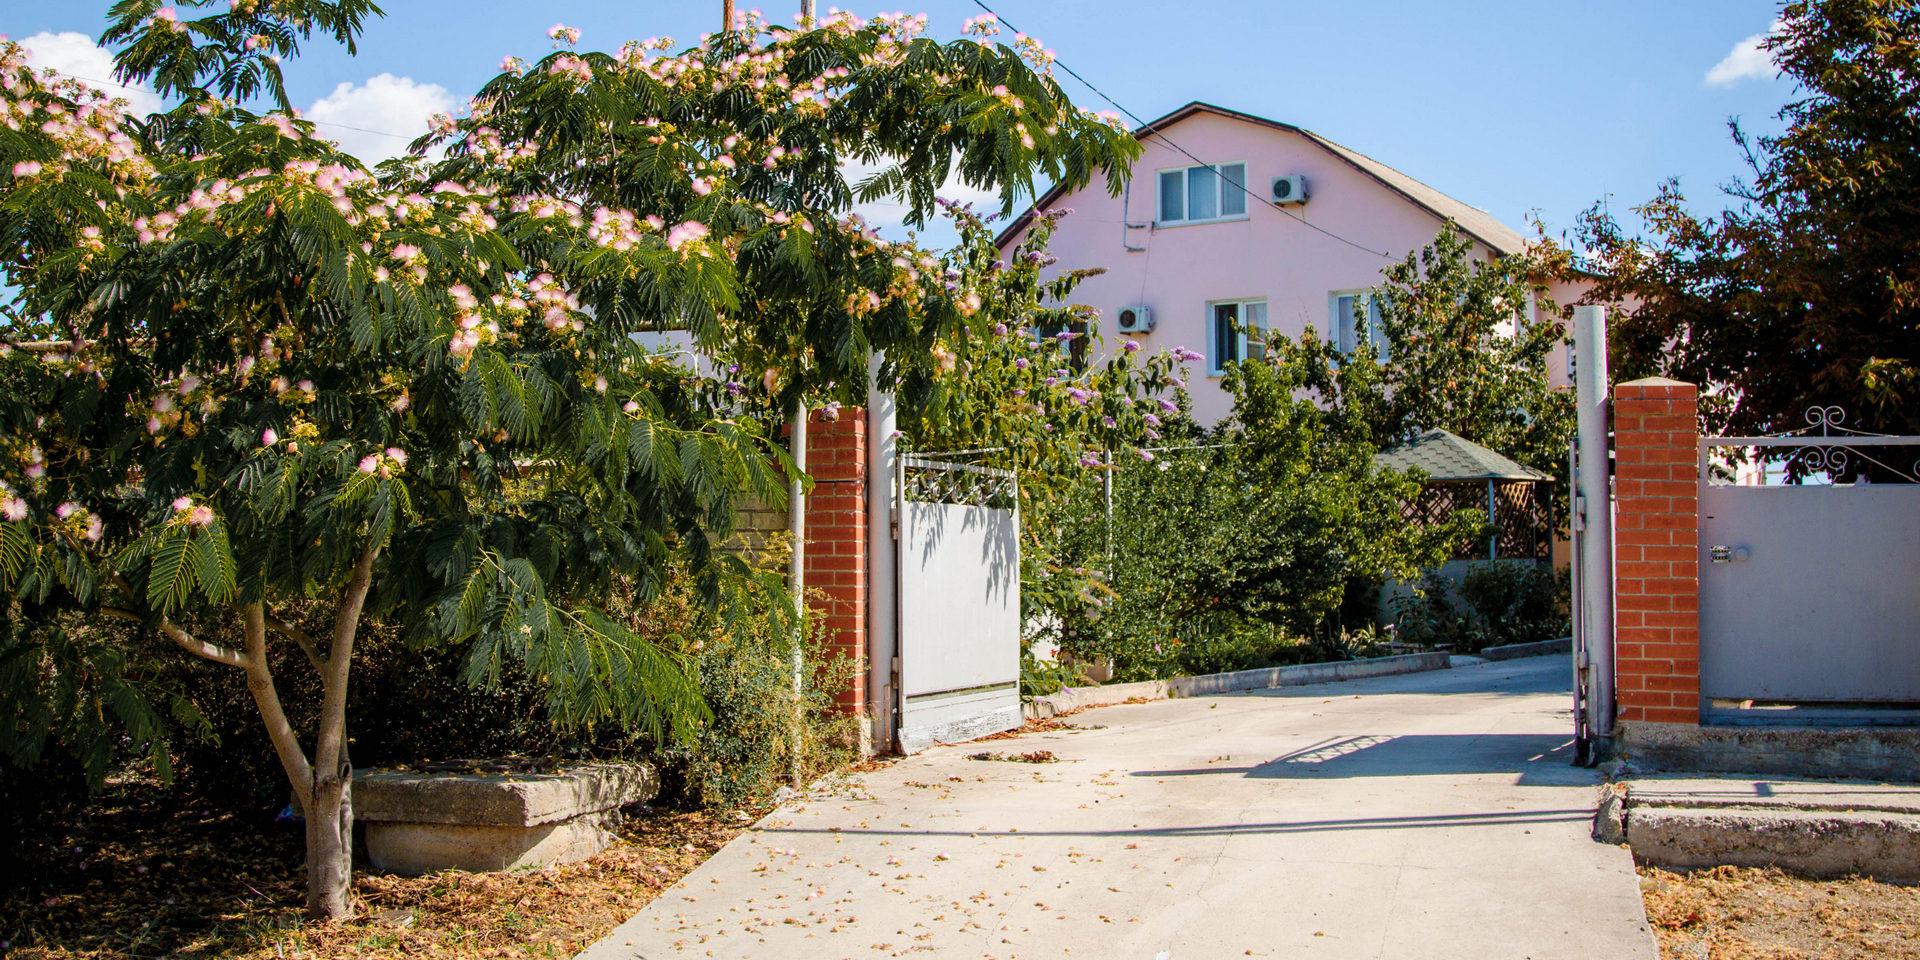 Гостевой дом на Грина, 50 в Береговом